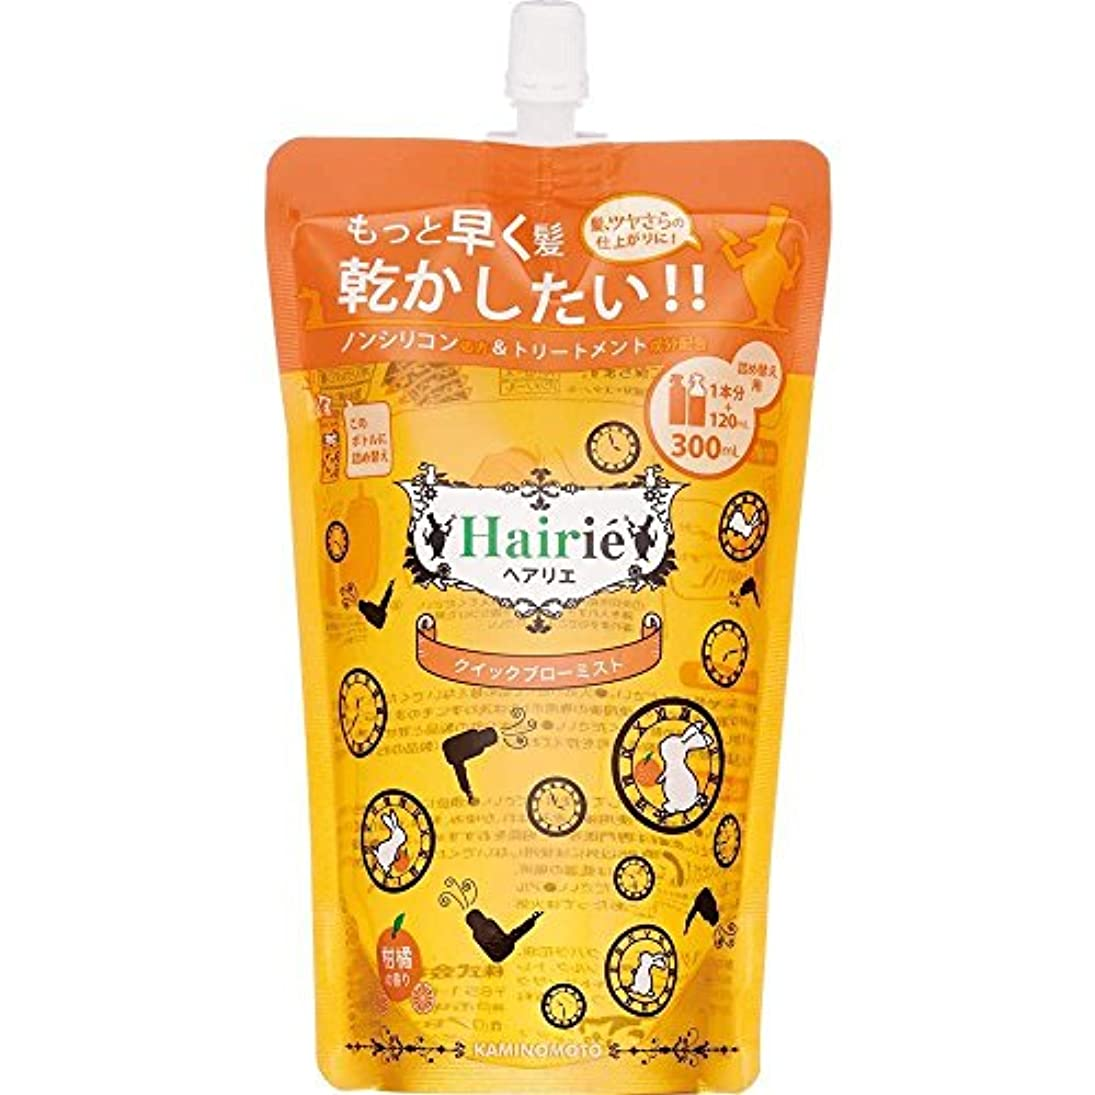 敏感な若者キャプテンヘアリエ クイックブローミスト 柑橘の香り 詰め替え 300mL×3個